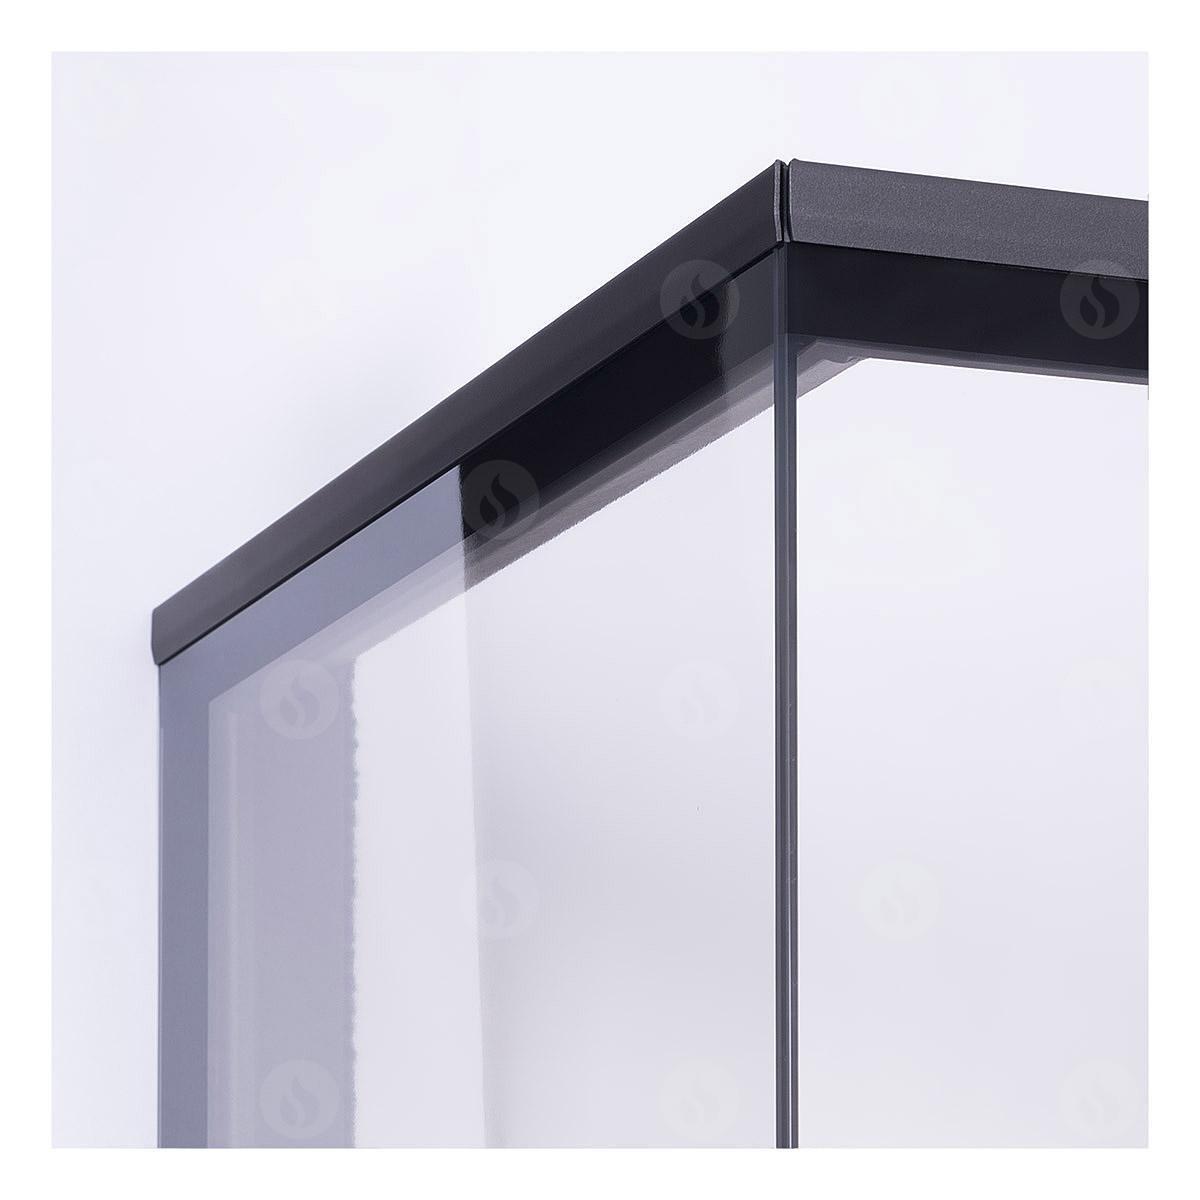 Romotop - HEAT C 3g L 65.52.31.01(21) - výsuvná dvířka Materiál: dělené sklo